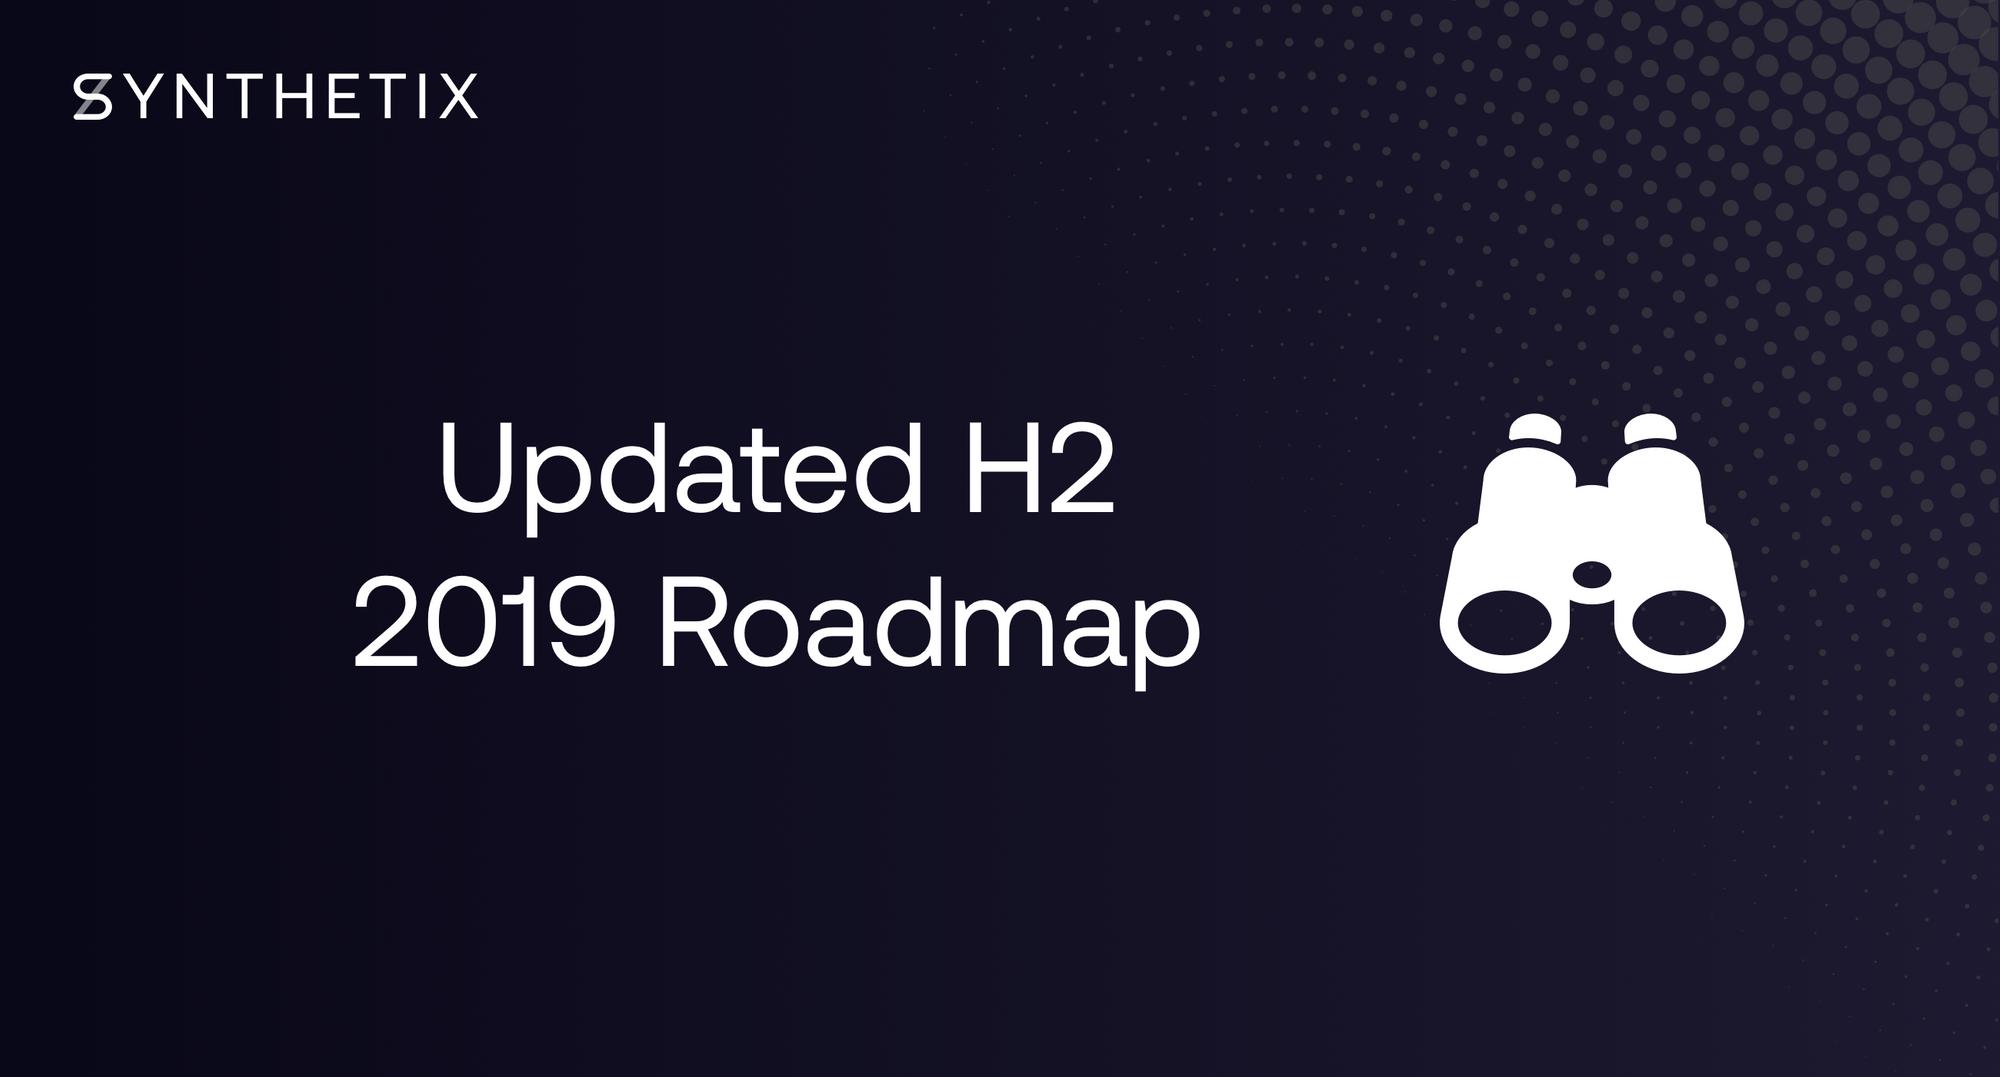 H2 2019 Roadmap